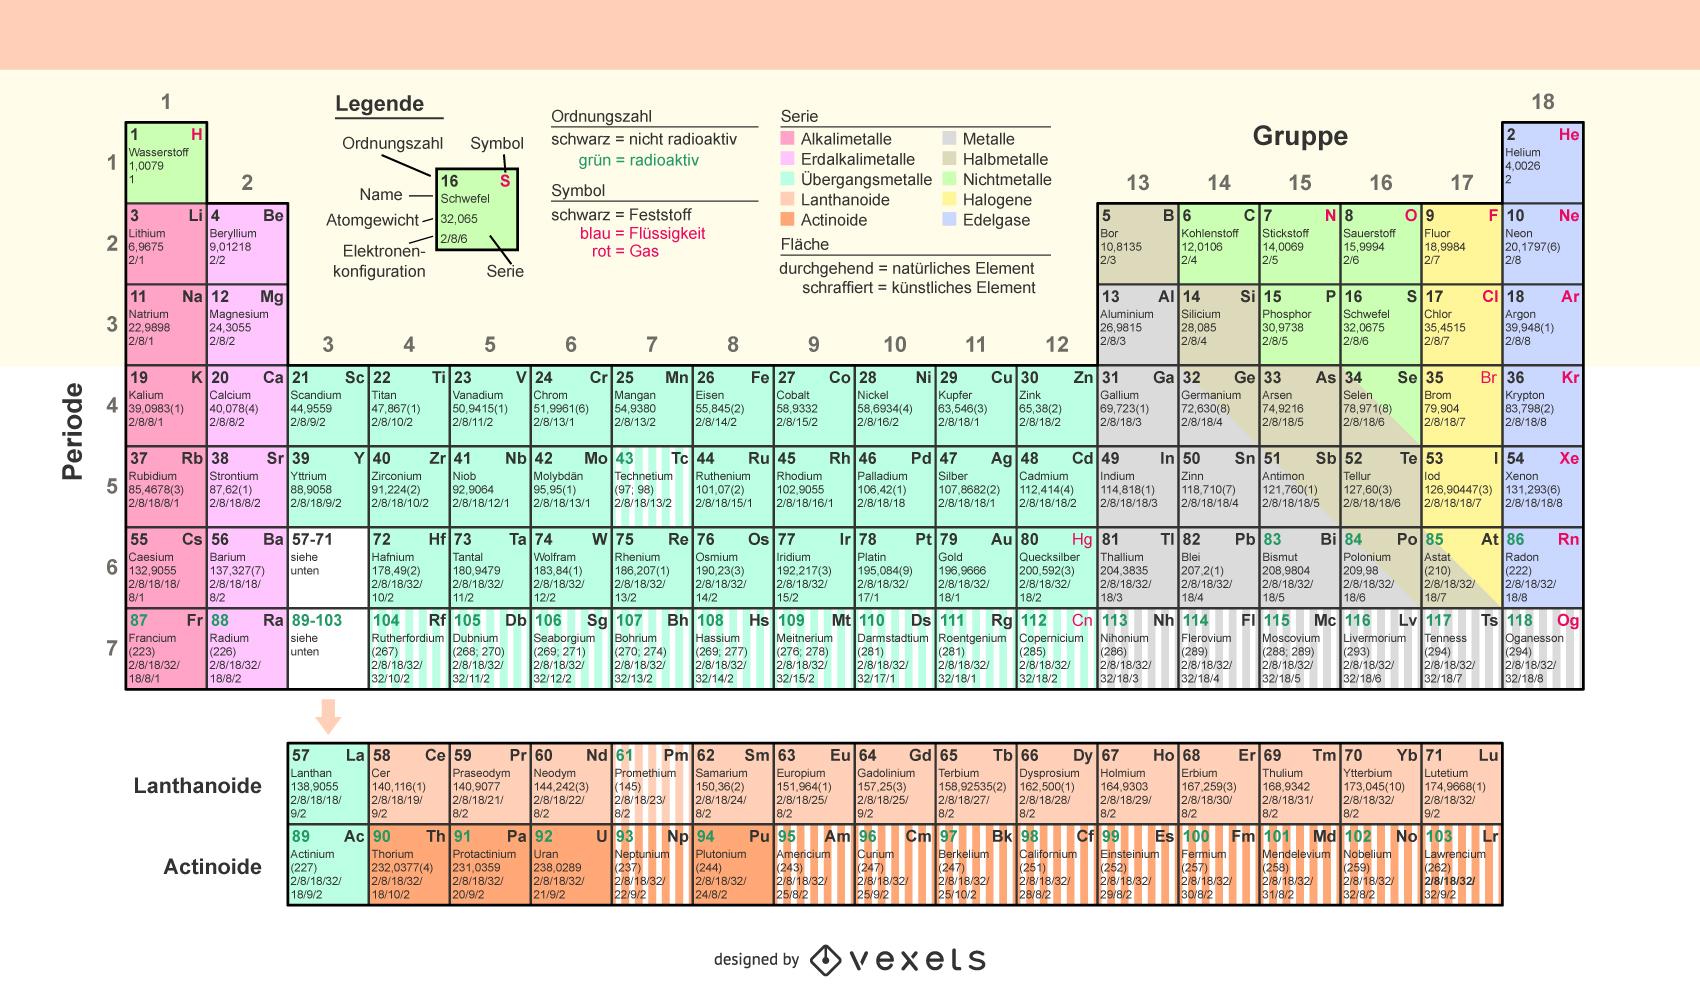 Tabla peridica de elementos qumicos descargar vector tabla peridica de elementos qumicos descargar imagen grande 1700x1000px urtaz Images